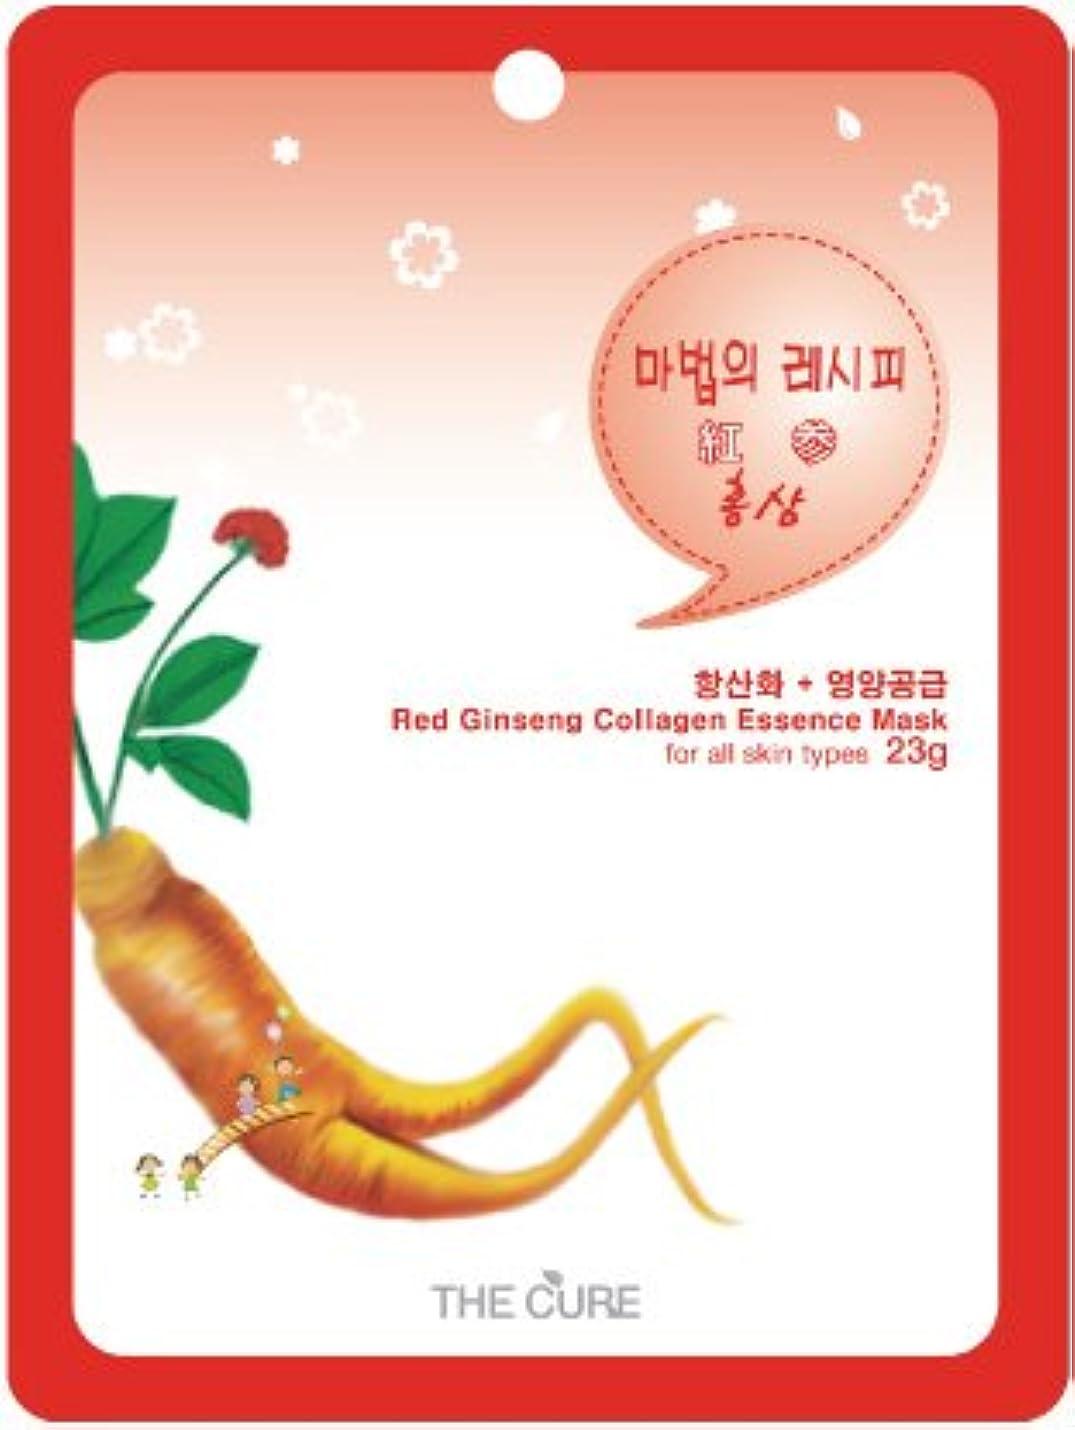 自伝行処理紅参 コラーゲン エッセンス マスク THE CURE シート パック 10枚セット 韓国 コスメ 乾燥肌 オイリー肌 混合肌